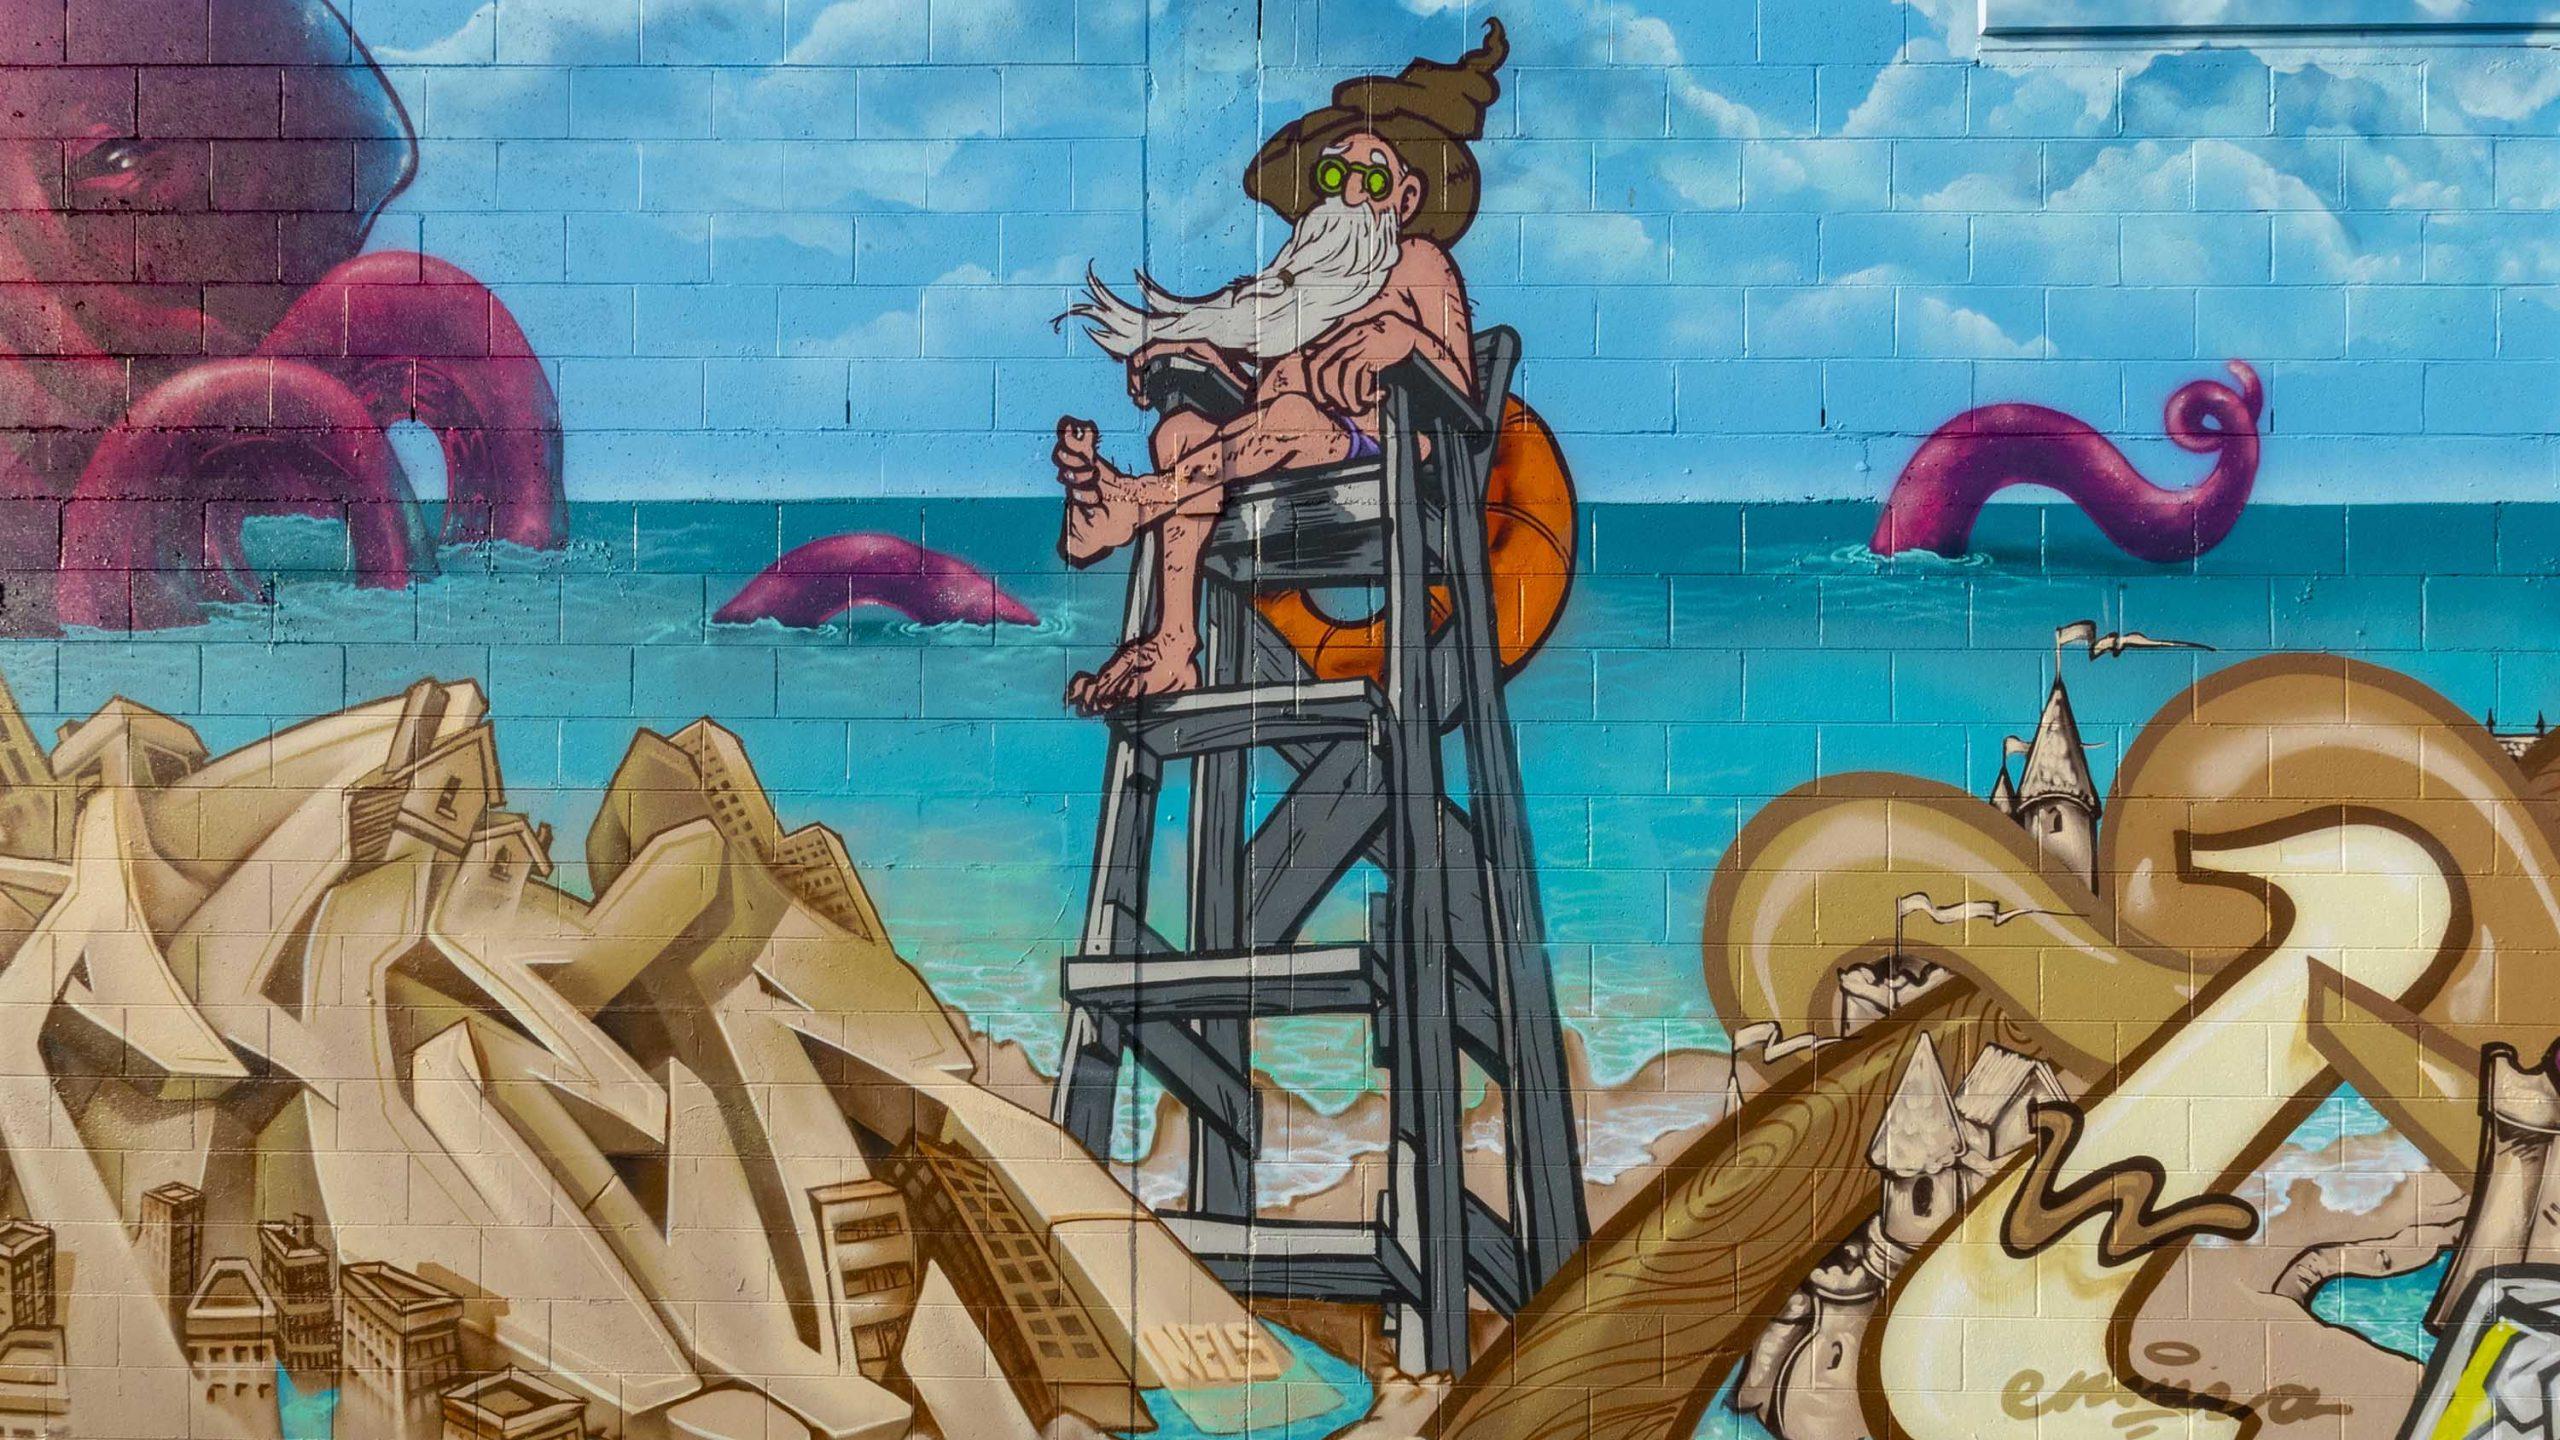 New Brighton murals bring seaside splash of colour